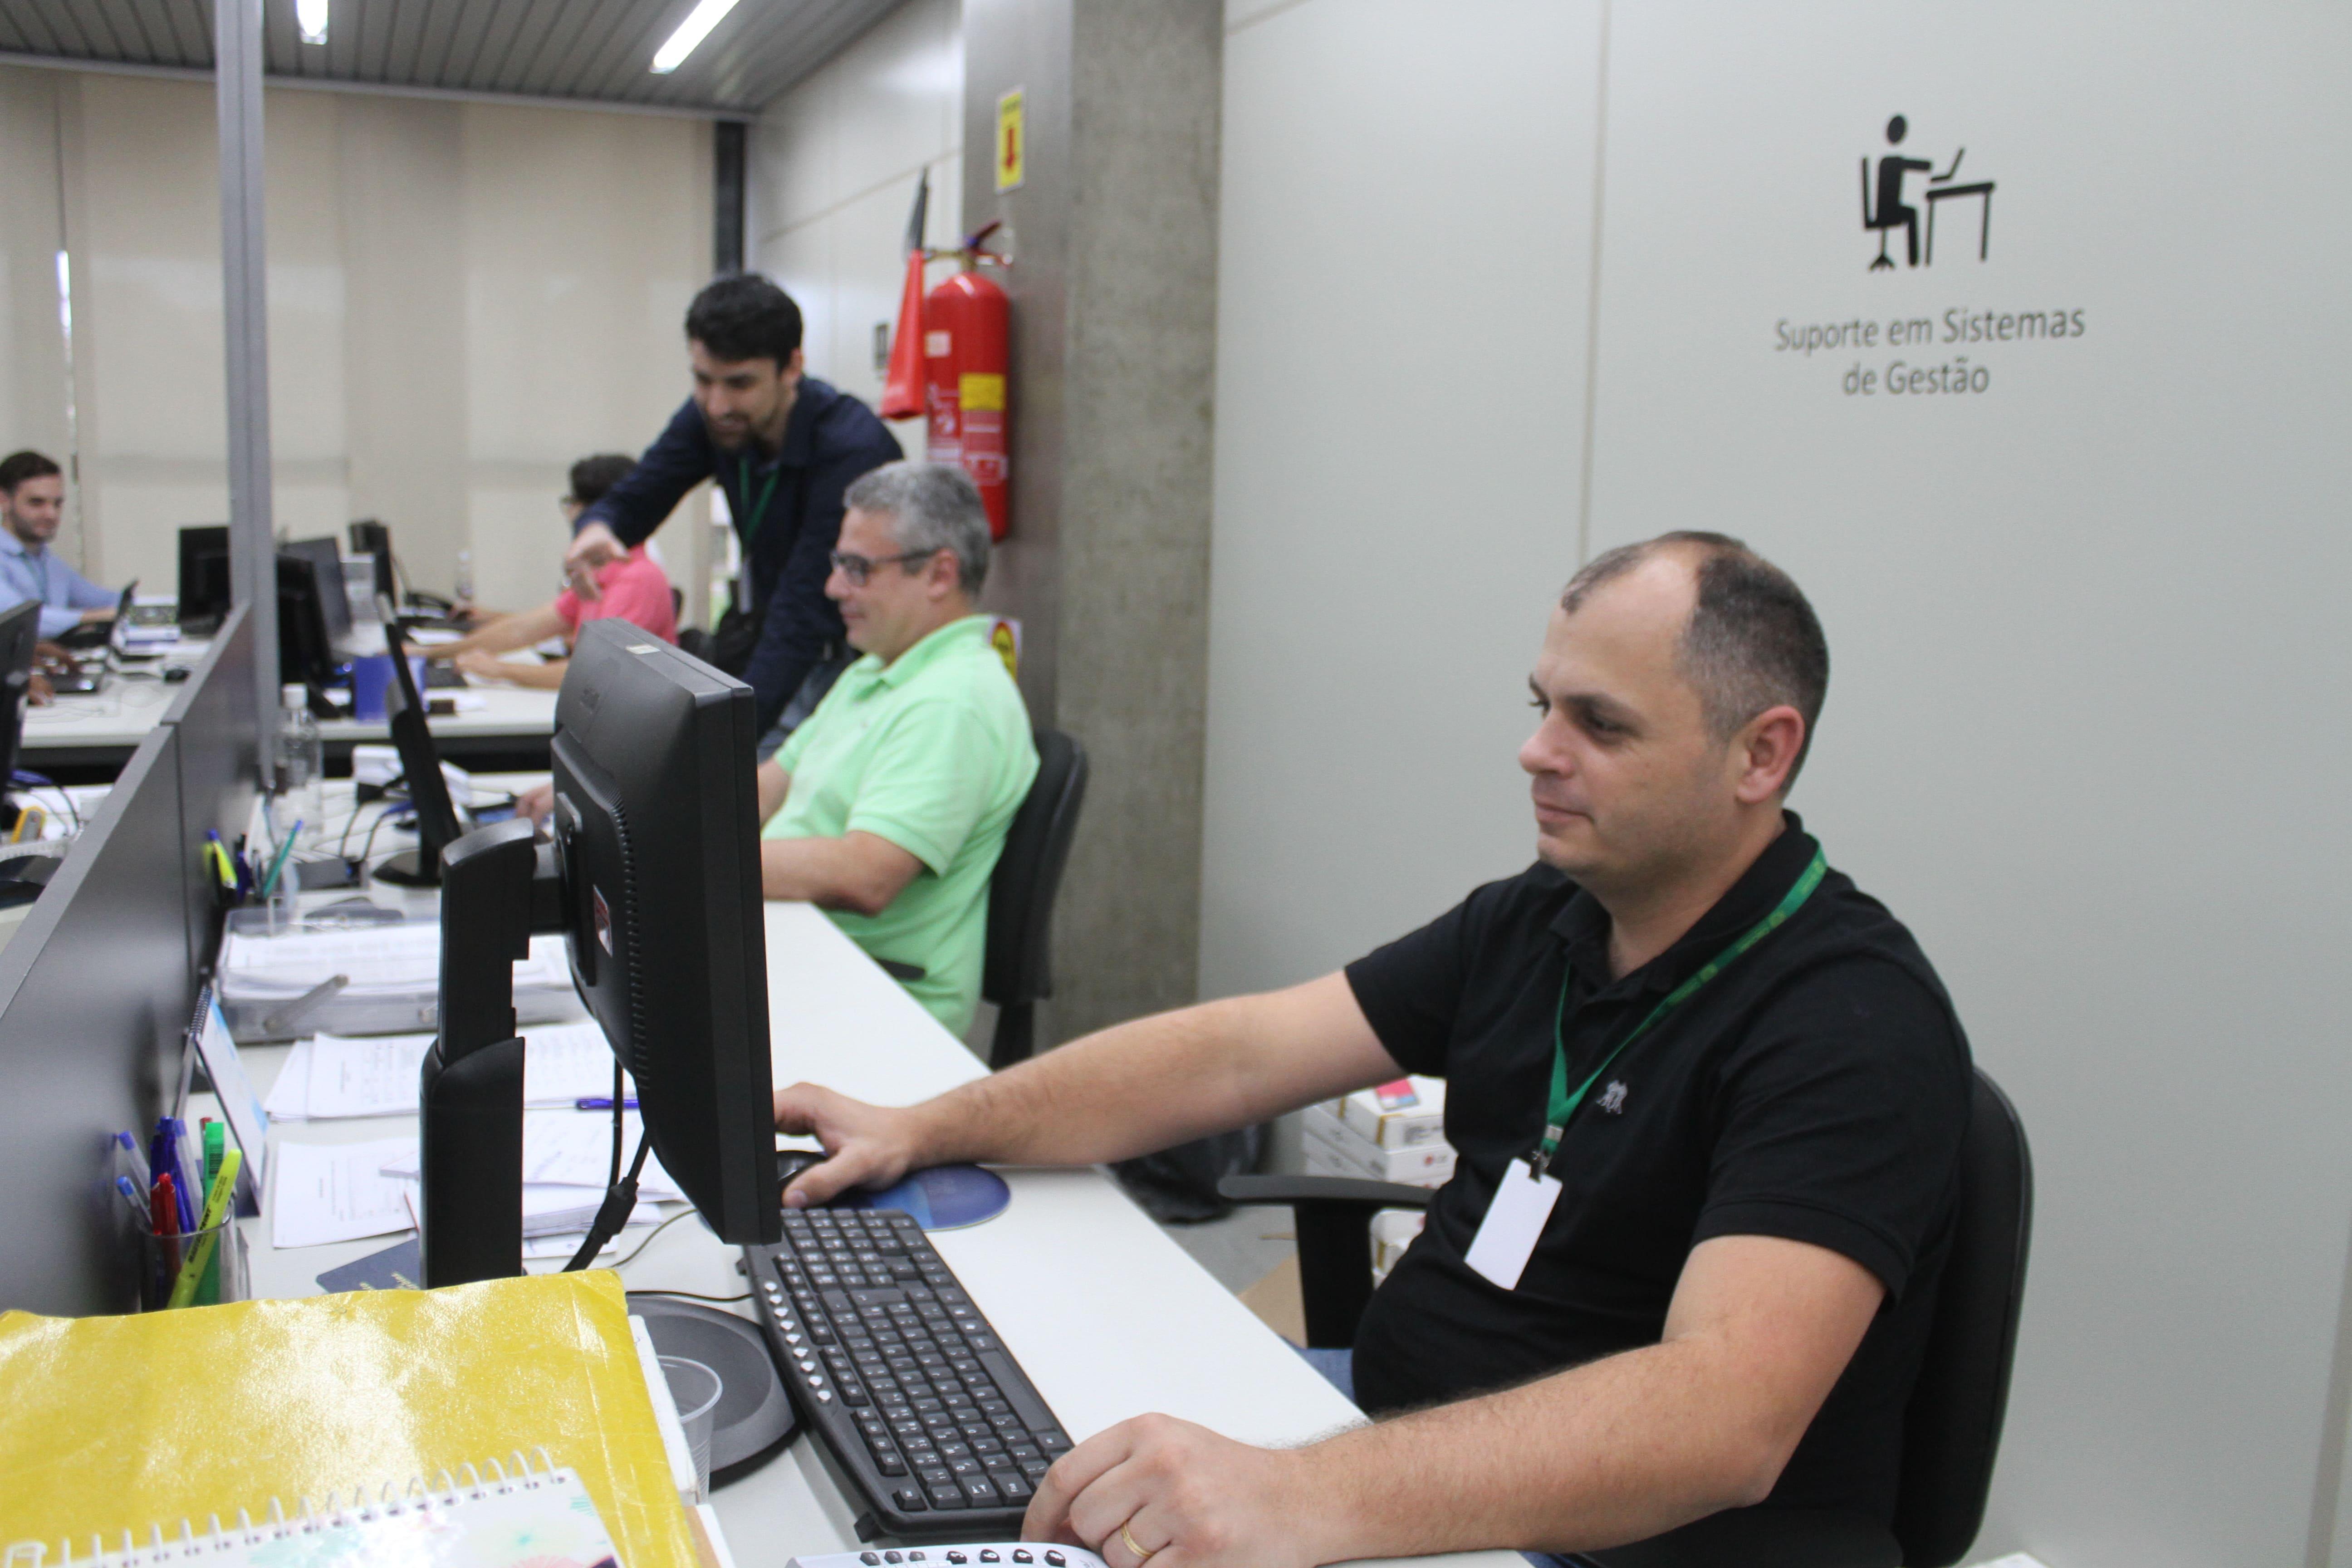 Site da Prefeitura de Criciúma alcança 294.919 acessos no primeiro mês de lançamento